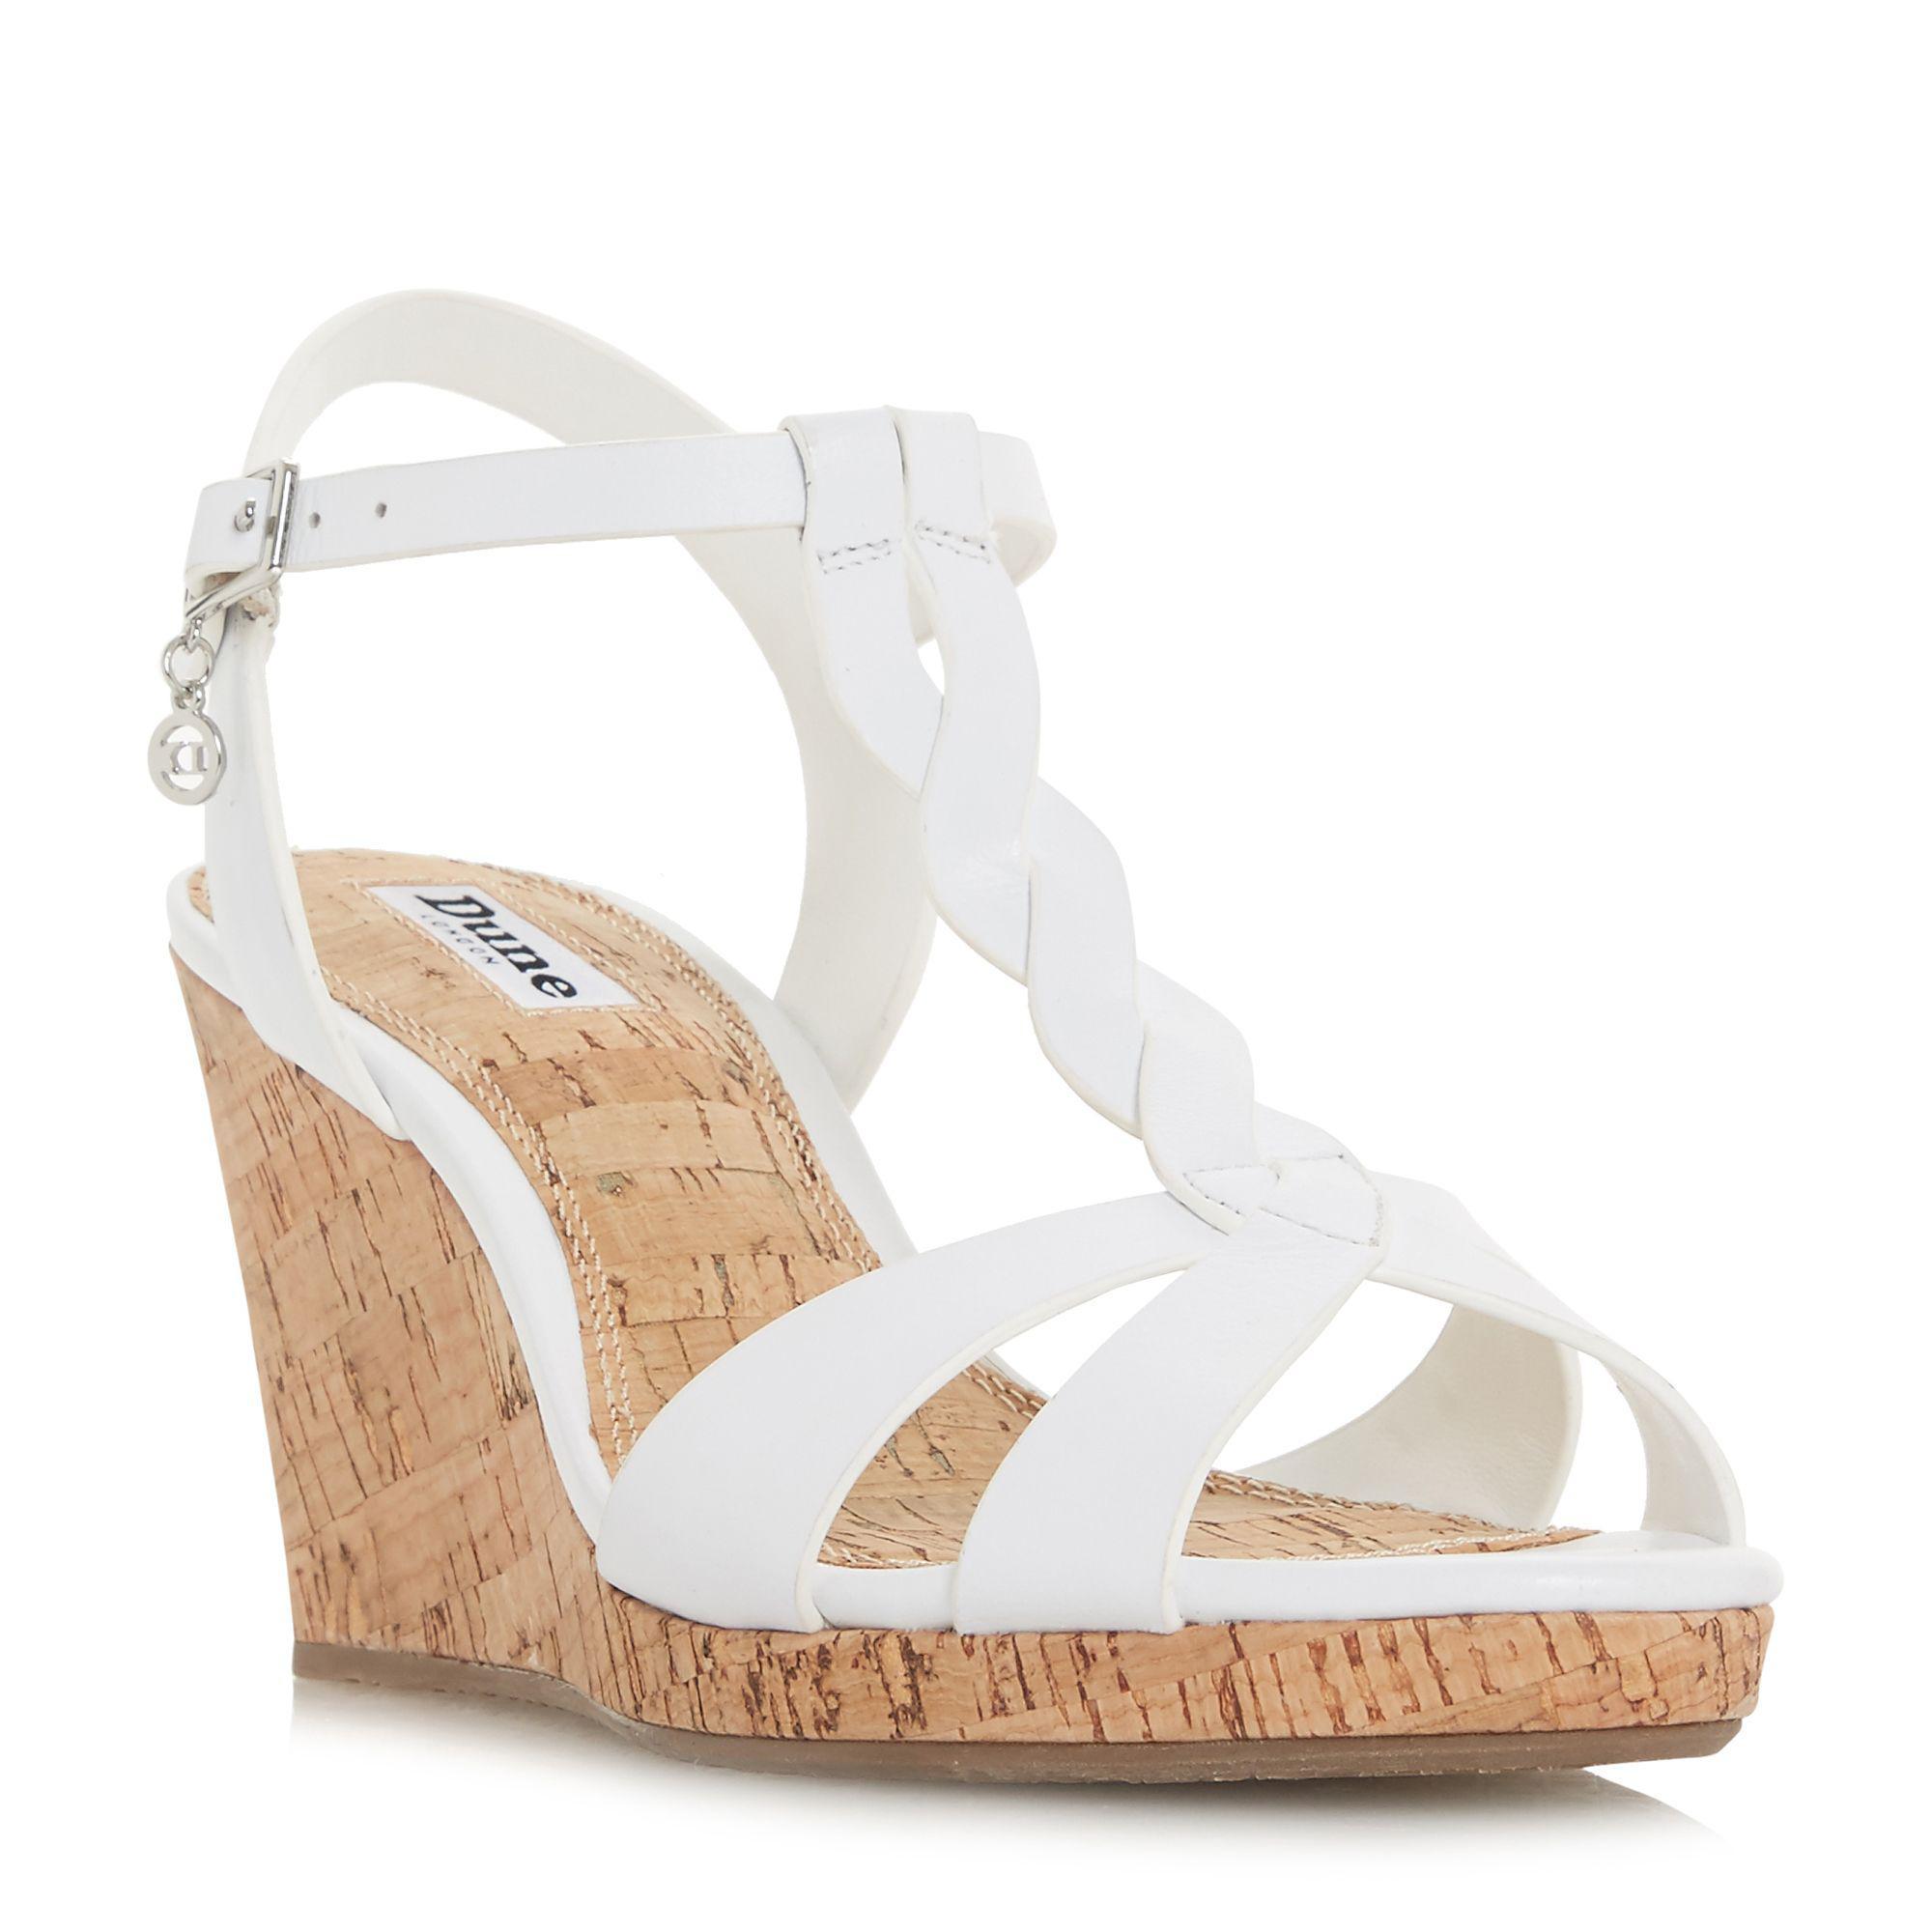 7e9b19d2cf97 Dune. Women s White Leather  koala  High Wedge Heel Ankle Strap Sandals